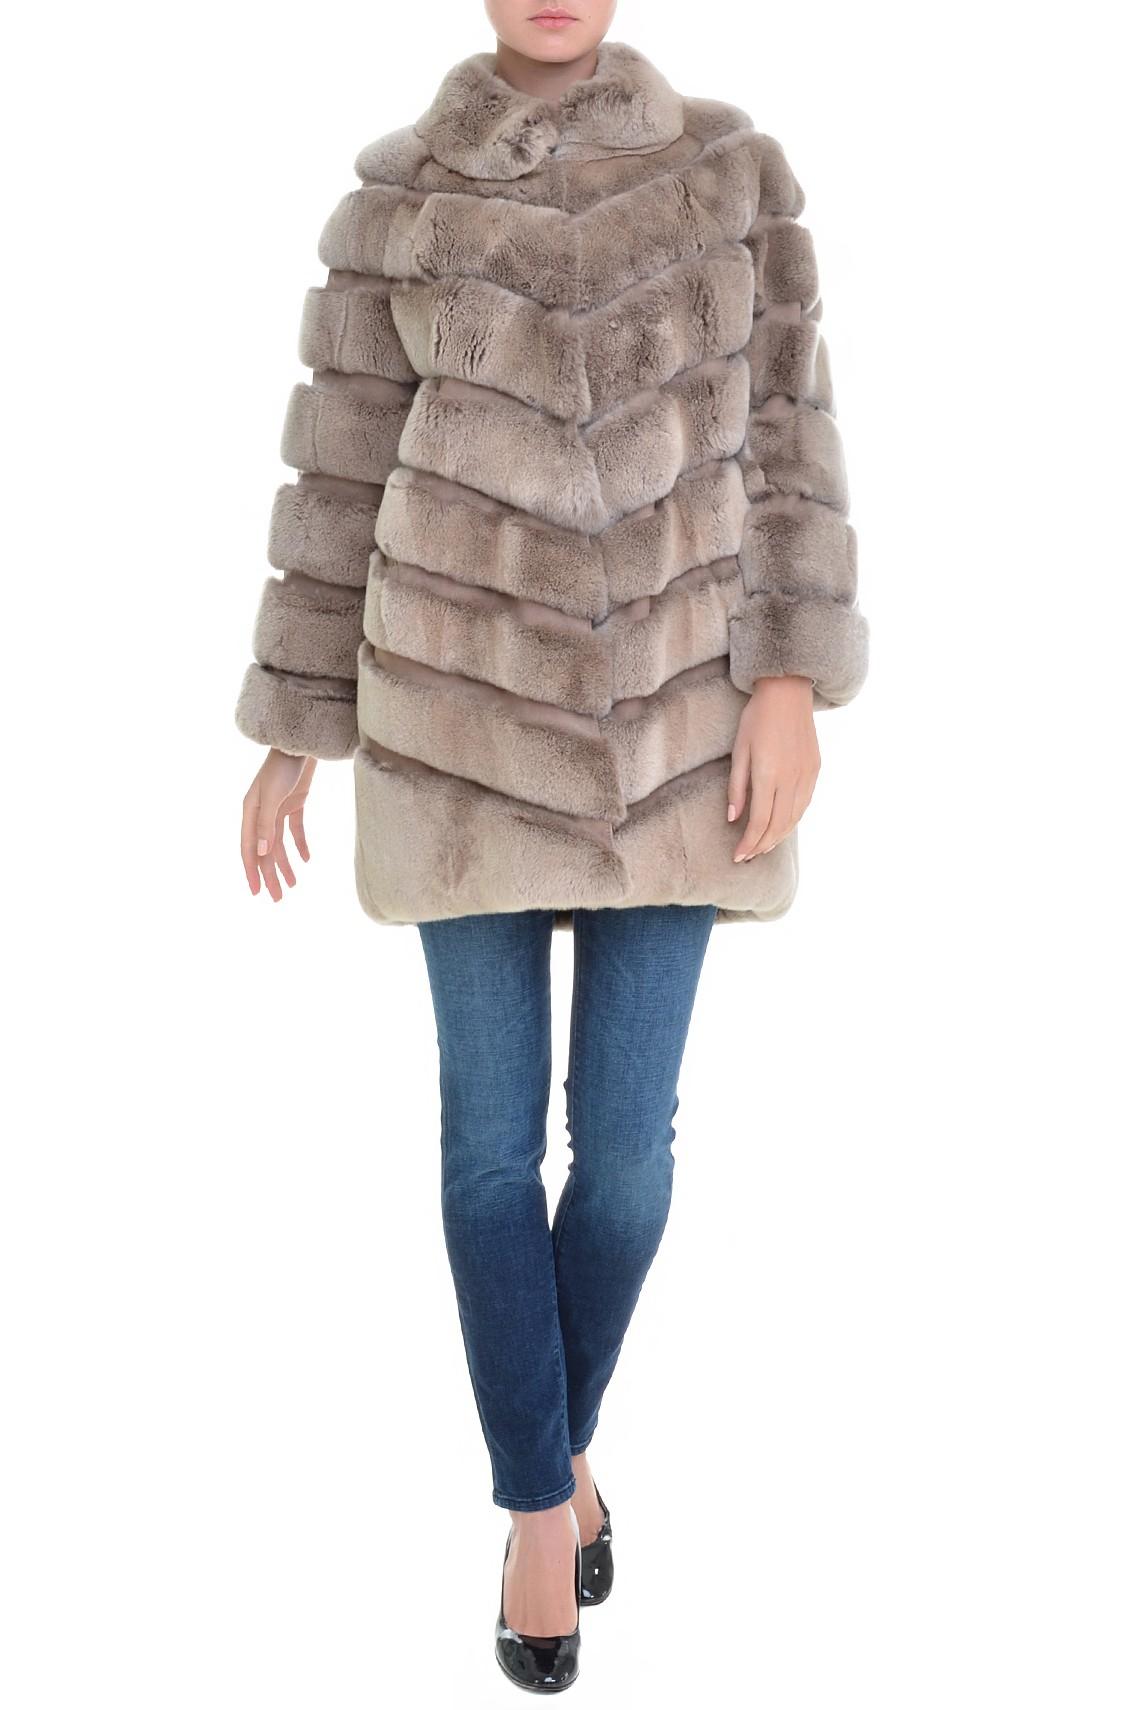 Итальянское коричневое пальто из меха орилага